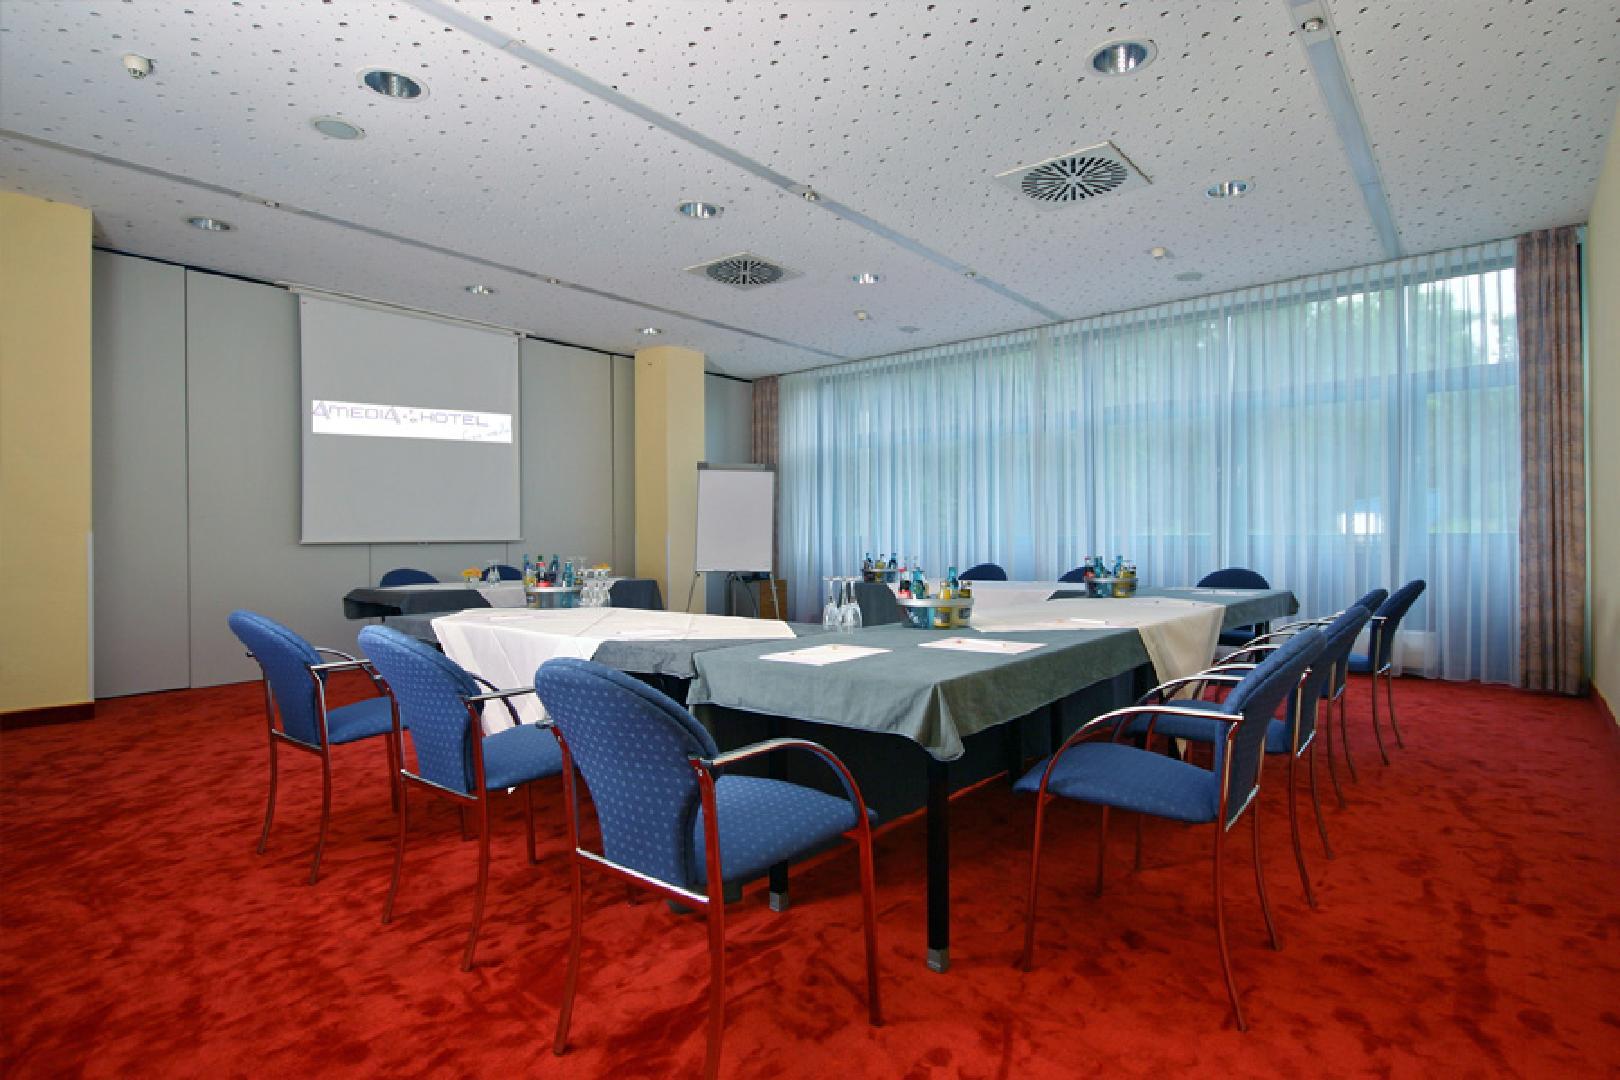 Amedia Hotel Zwickau Hotel In Zwickau Restaurant Meeting Room